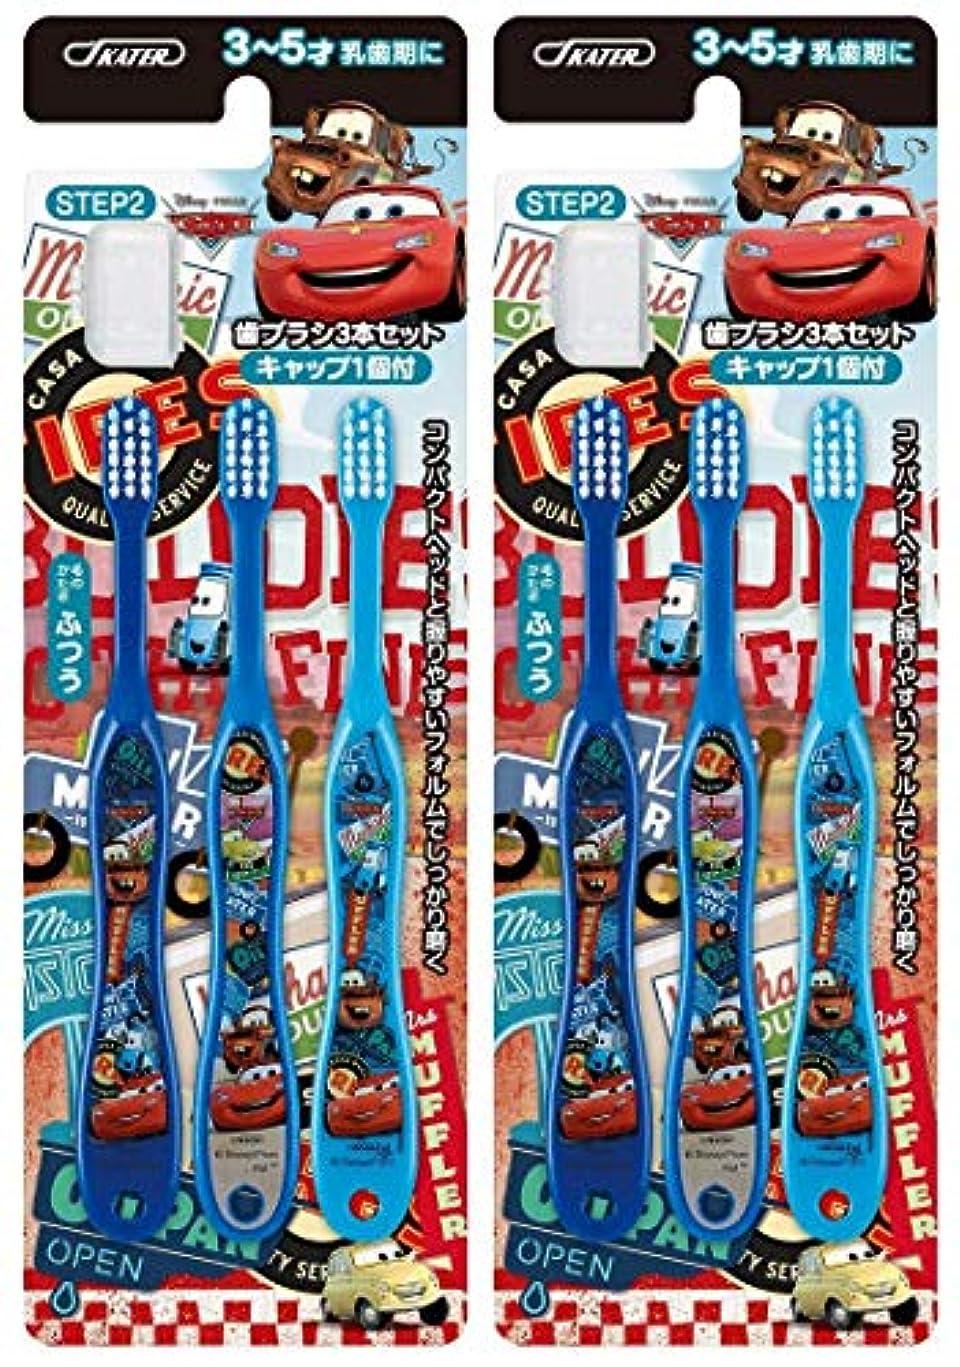 授業料ライトニングディスコスケーター 歯ブラシ 園児用 3-5才 普通 6本セット (3本セット×2個) カーズ 14cm TB5T